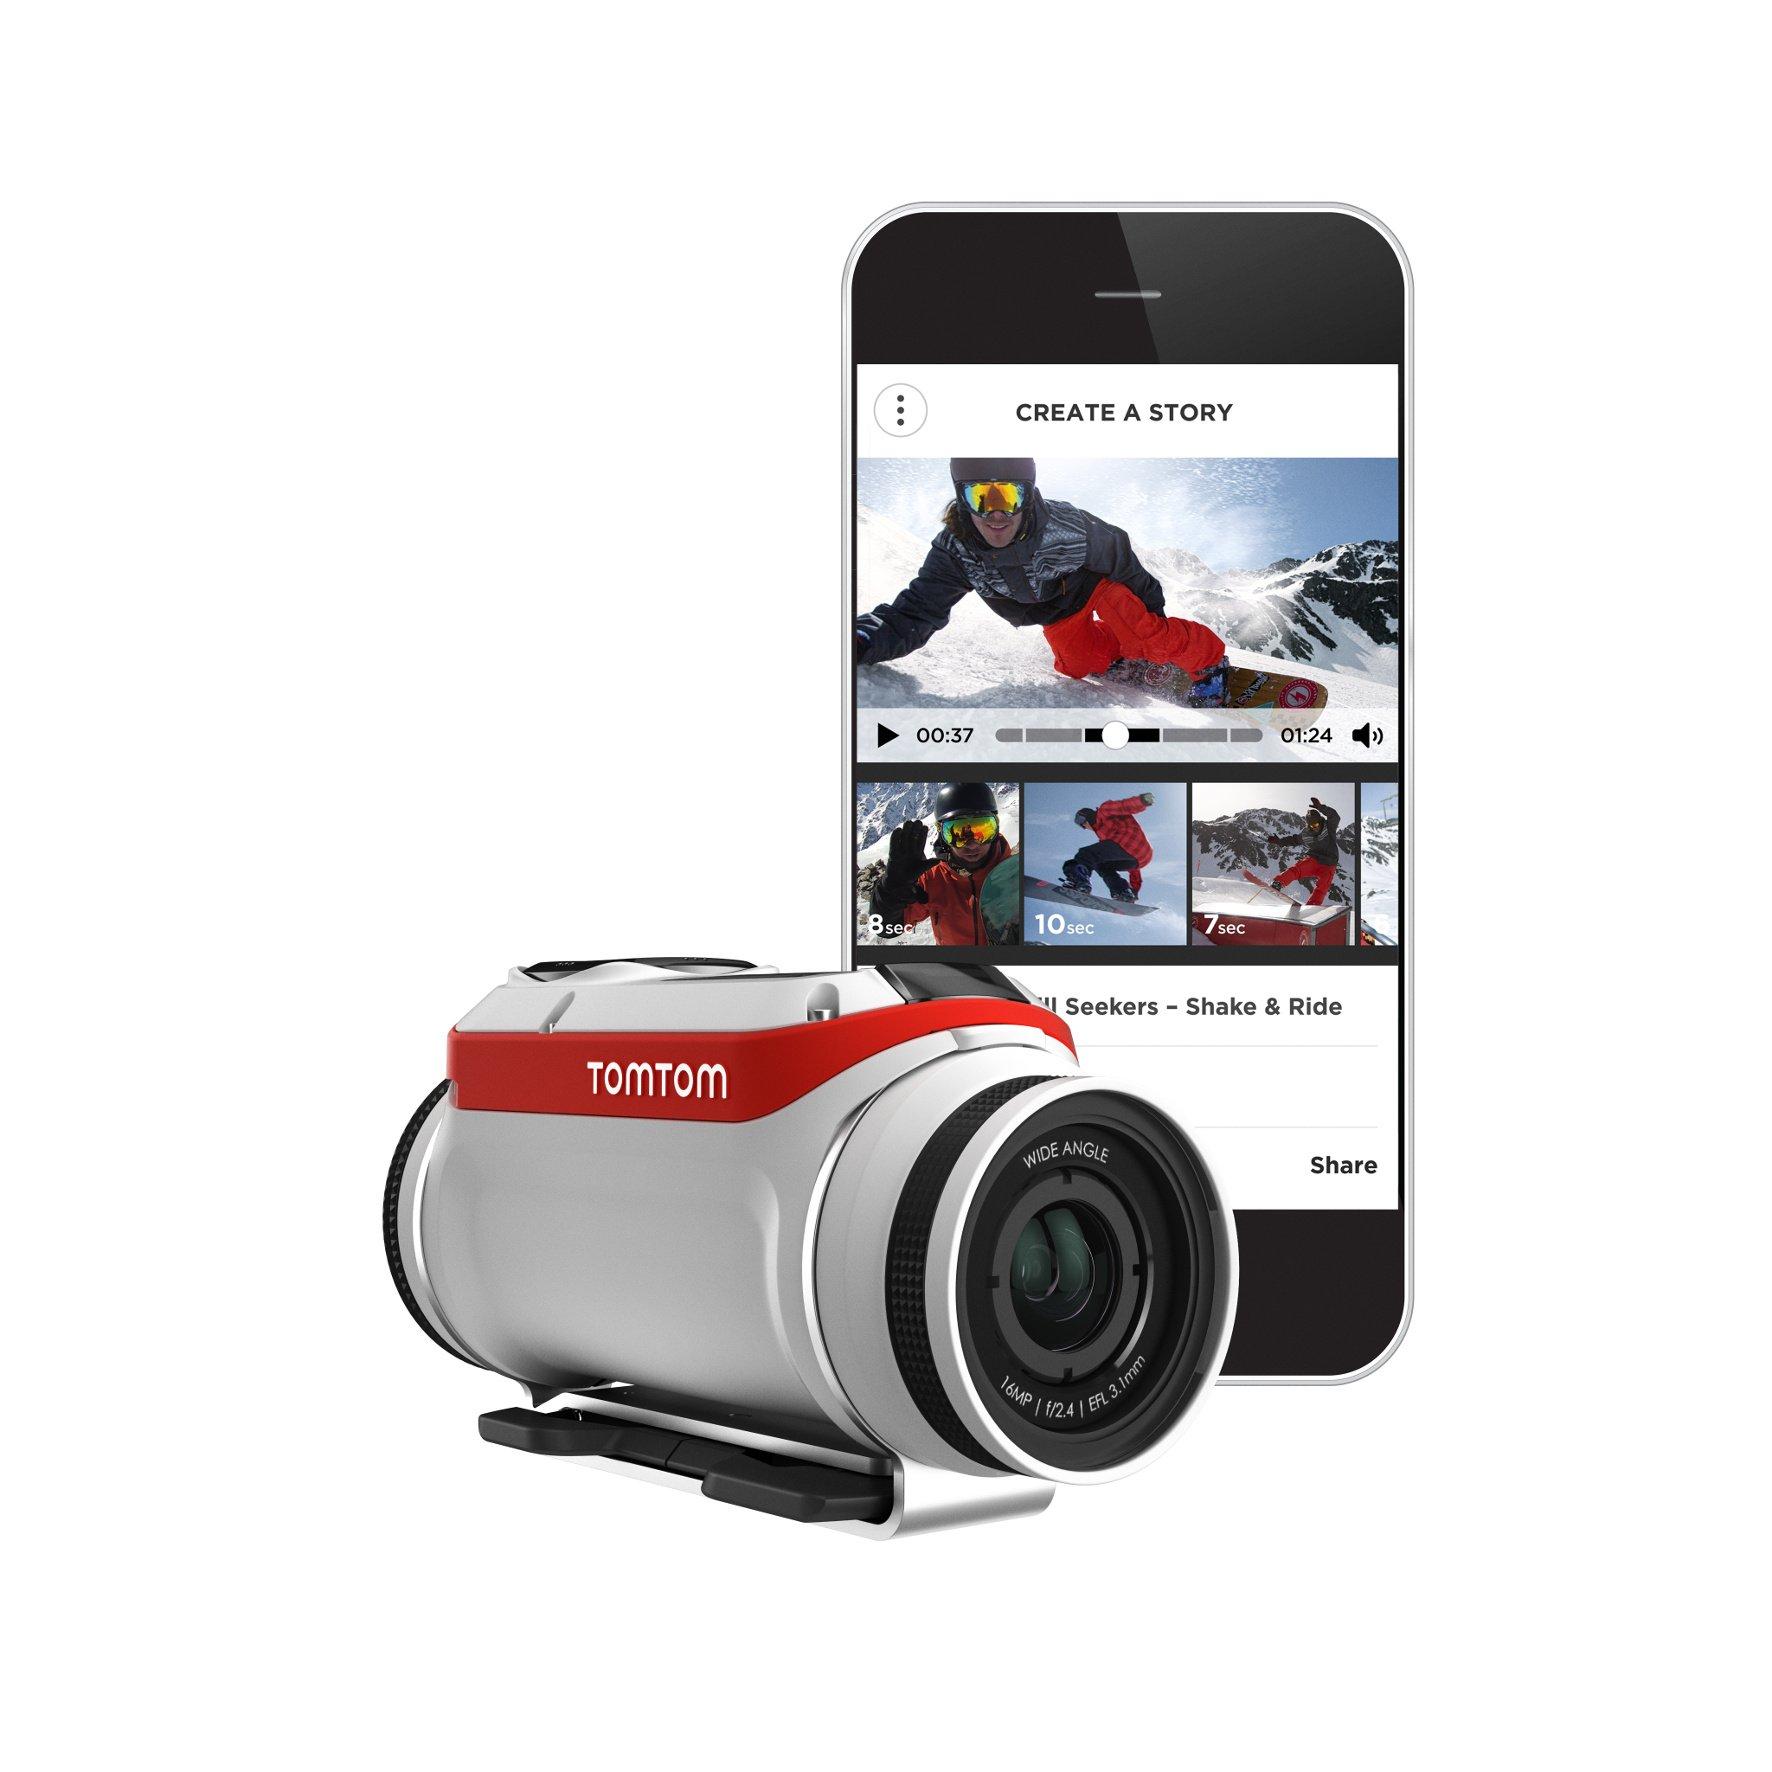 TomTom präsentiert die Action Kamera Bandit und neue Kartenfunktionen MyDrive